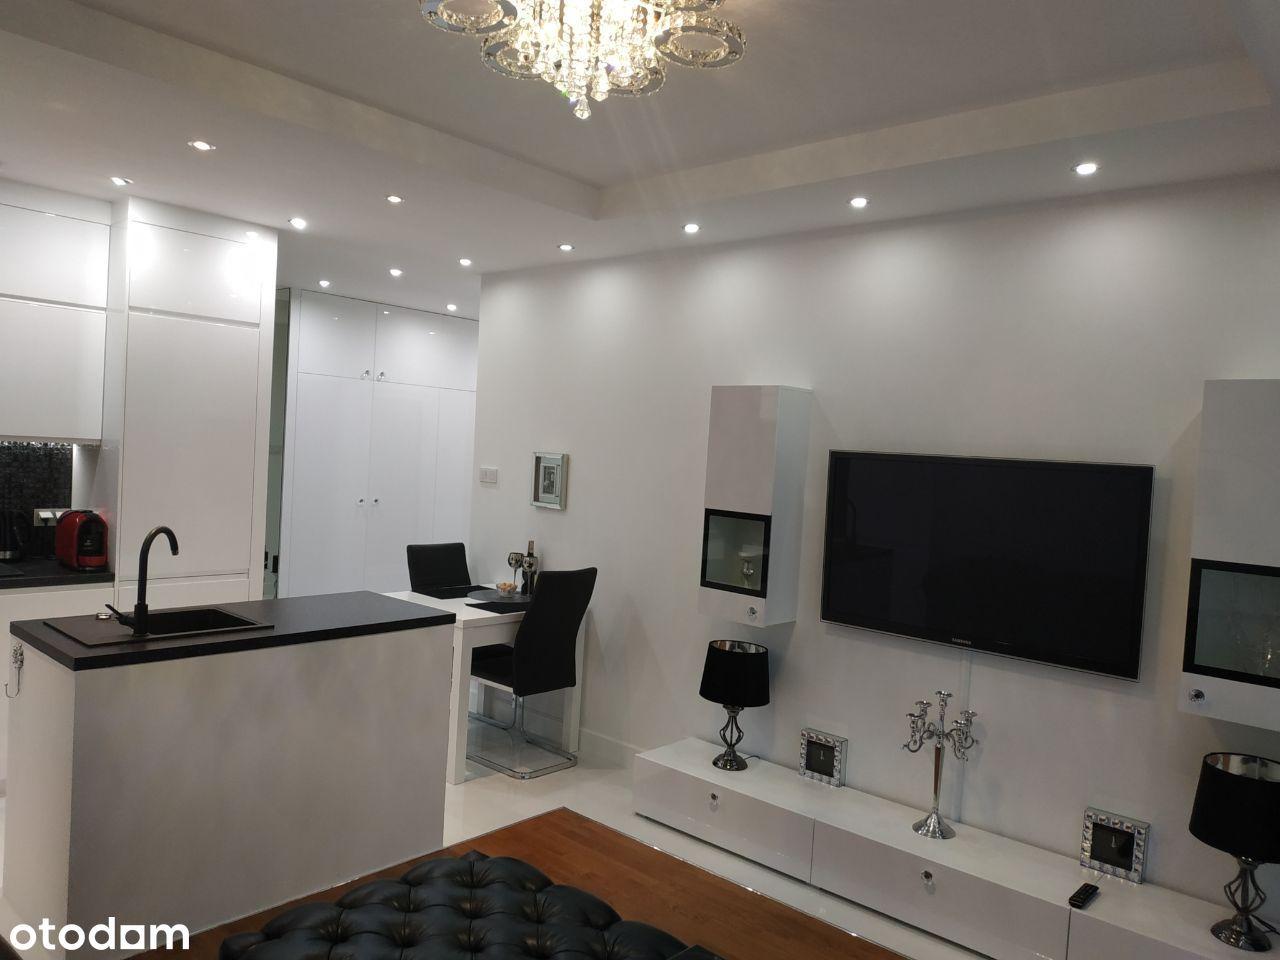 Nowy VIP luksusowy apartament 3 pokoje+garaż JUŻ